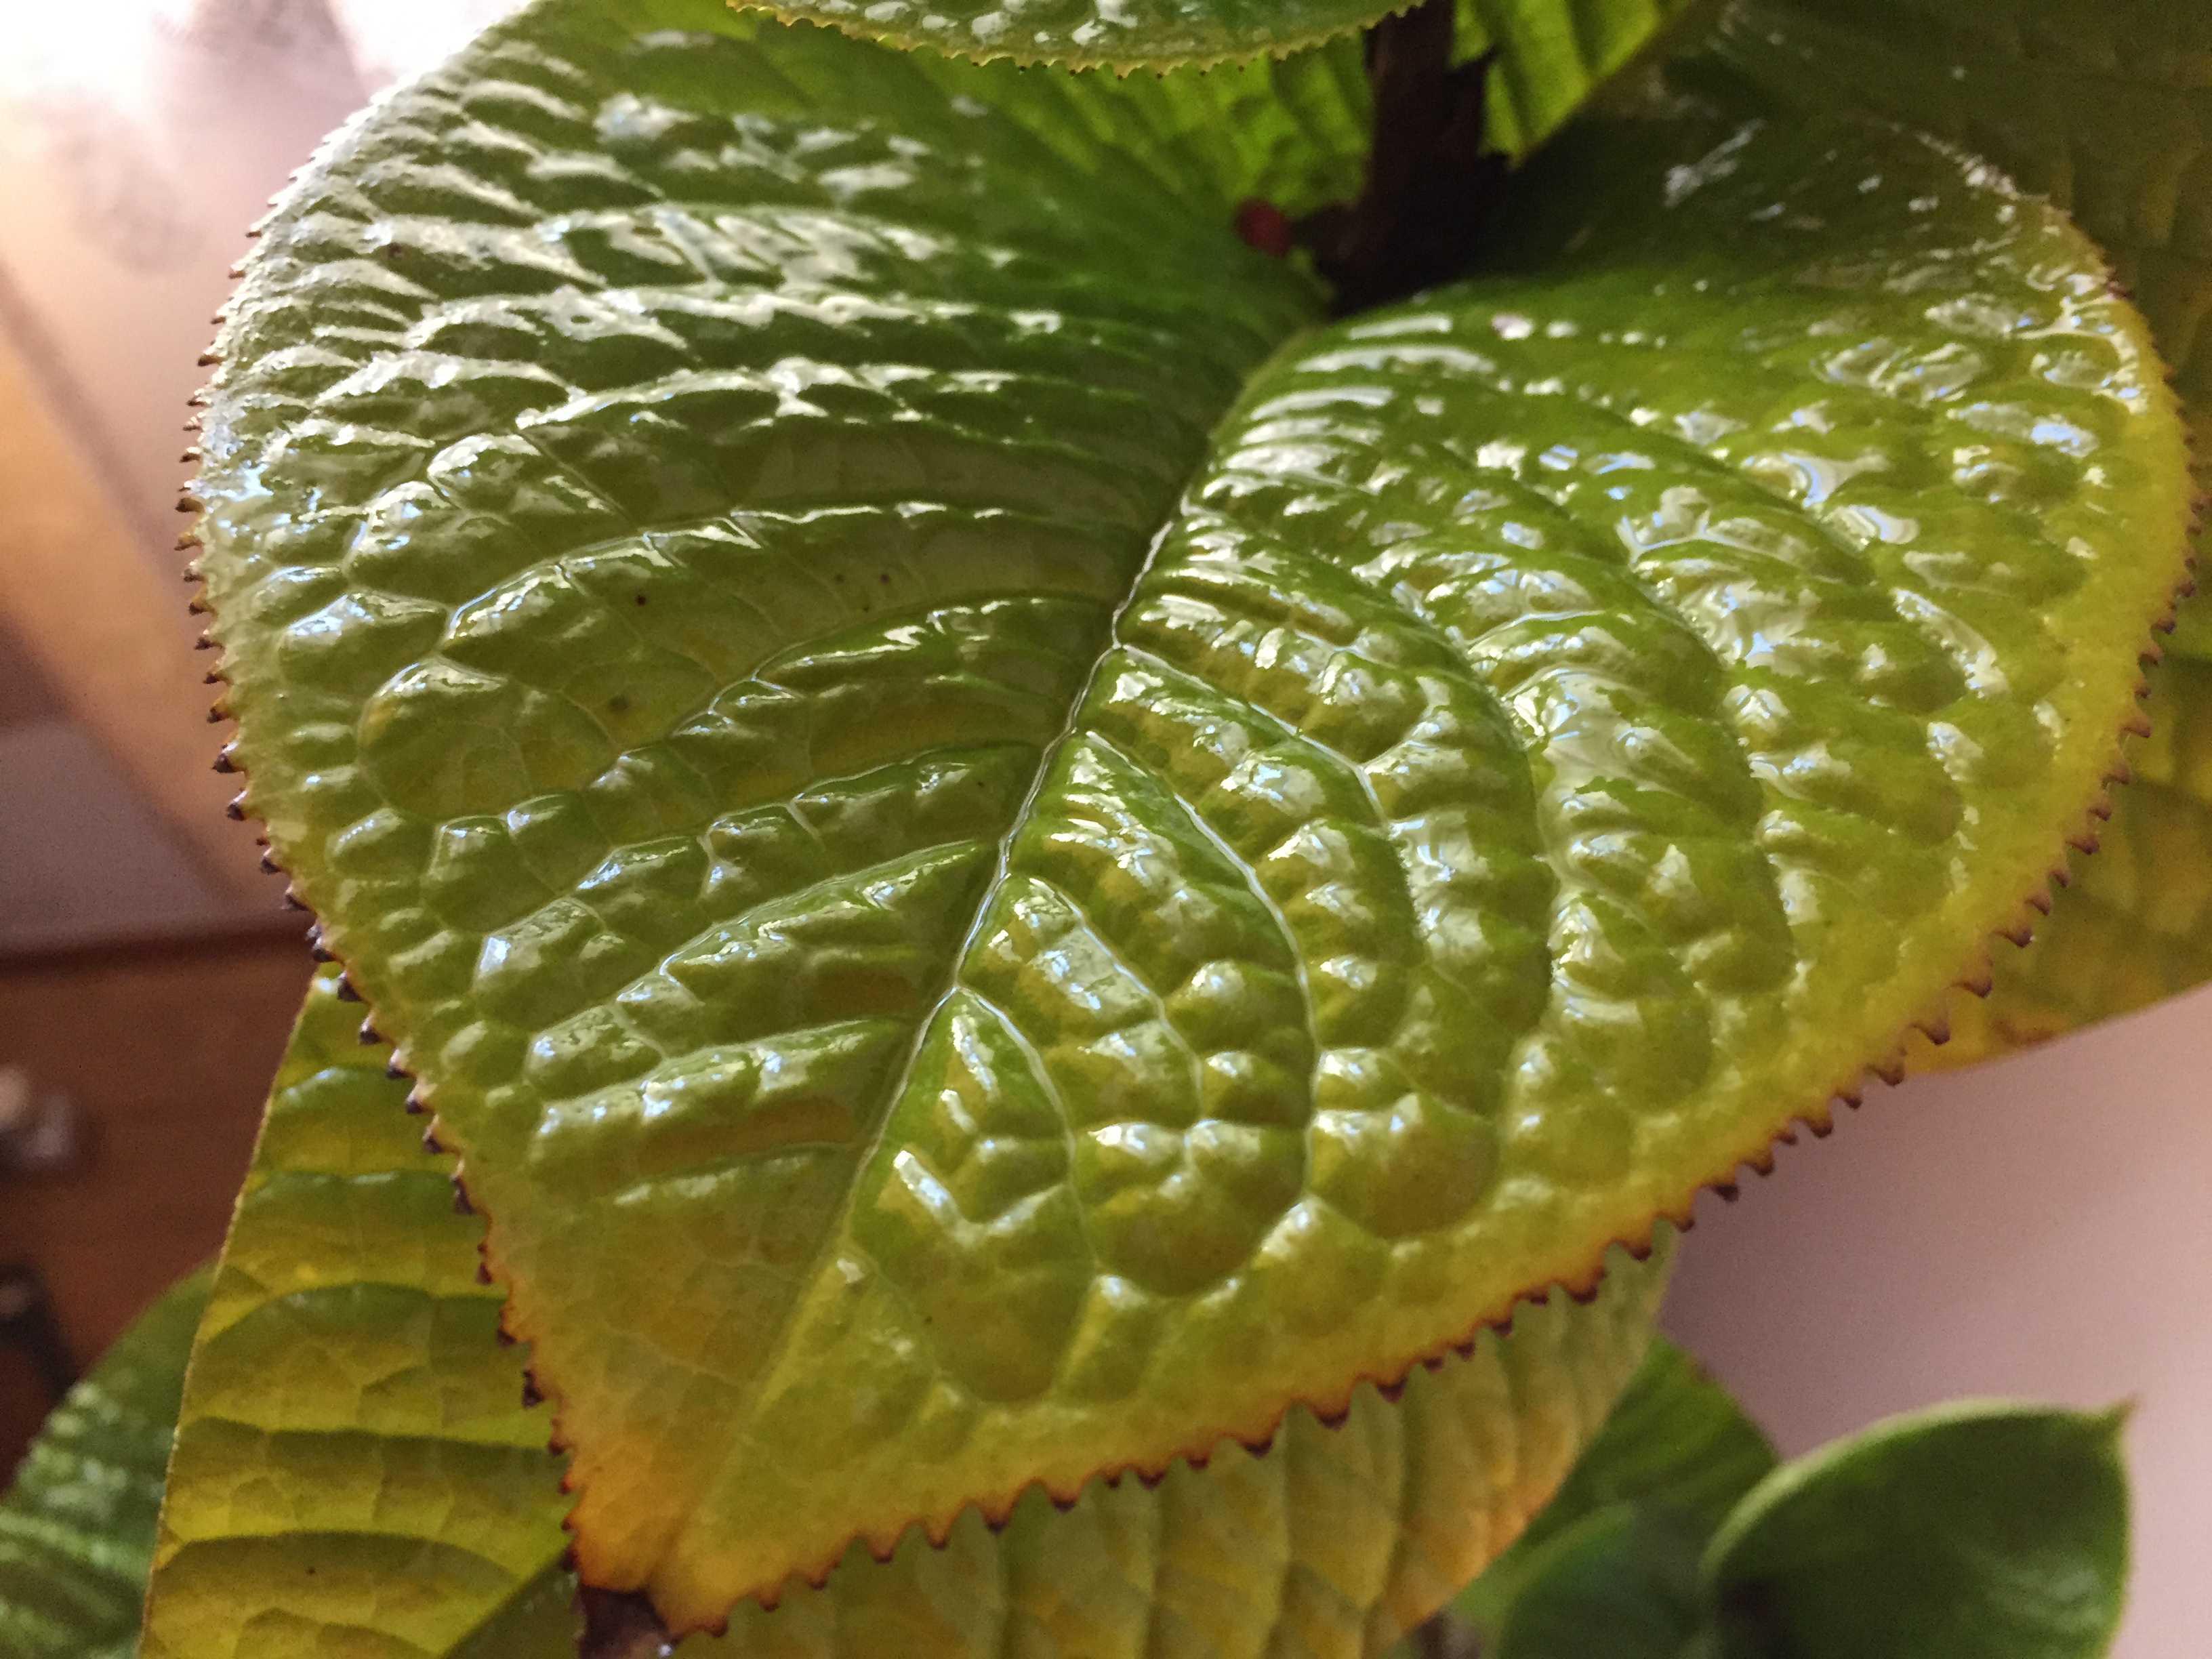 葉水(はみず)直後の「ムラウチイ」の葉っぱ